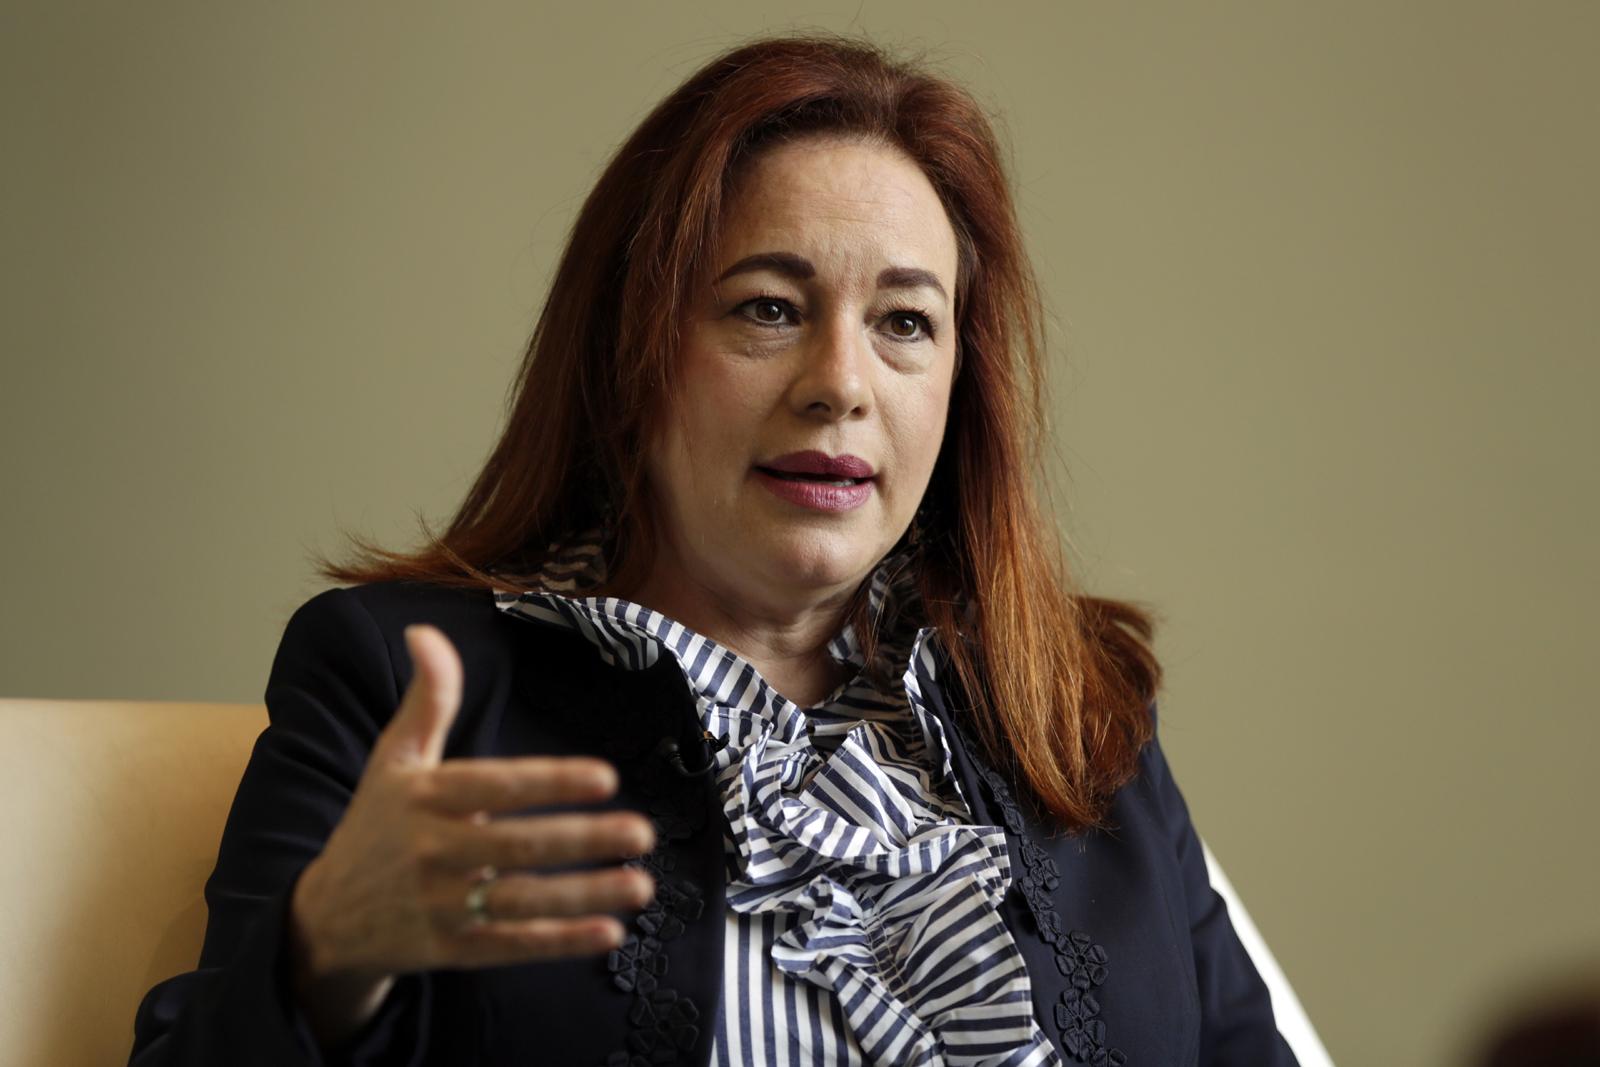 Ecuadorian FM Maria Fernanda Espinosa elected UN General Assembly President